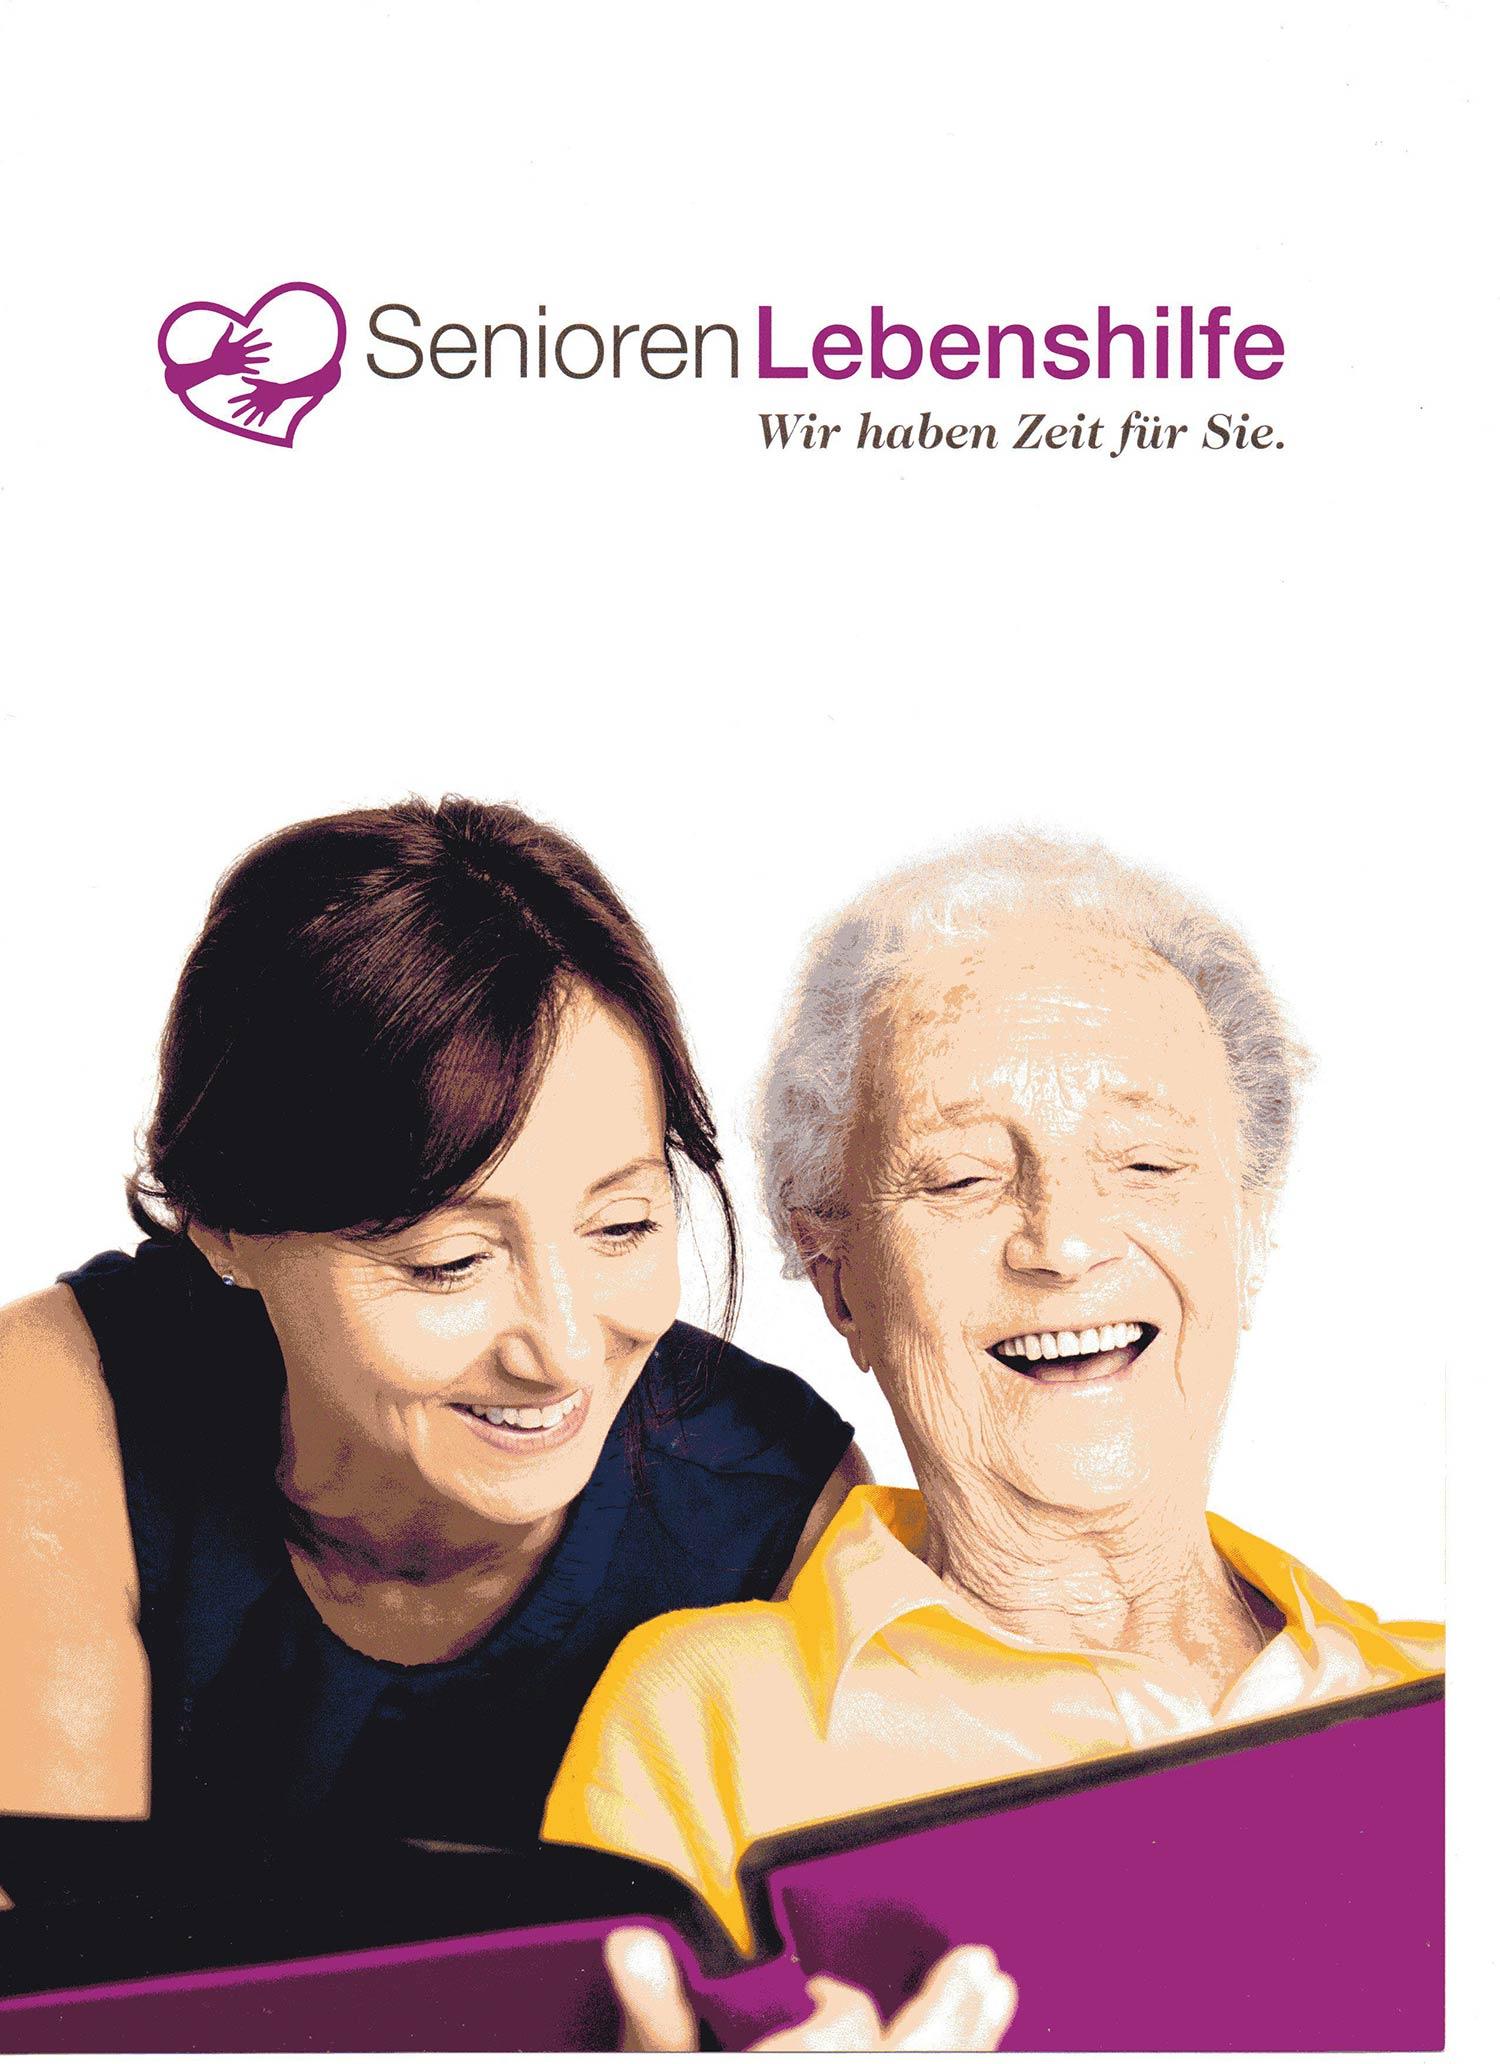 Die SeniorenLebenshilfe gibt es jetzt auch in Regensburg Die Lasten des Alltags nehmen